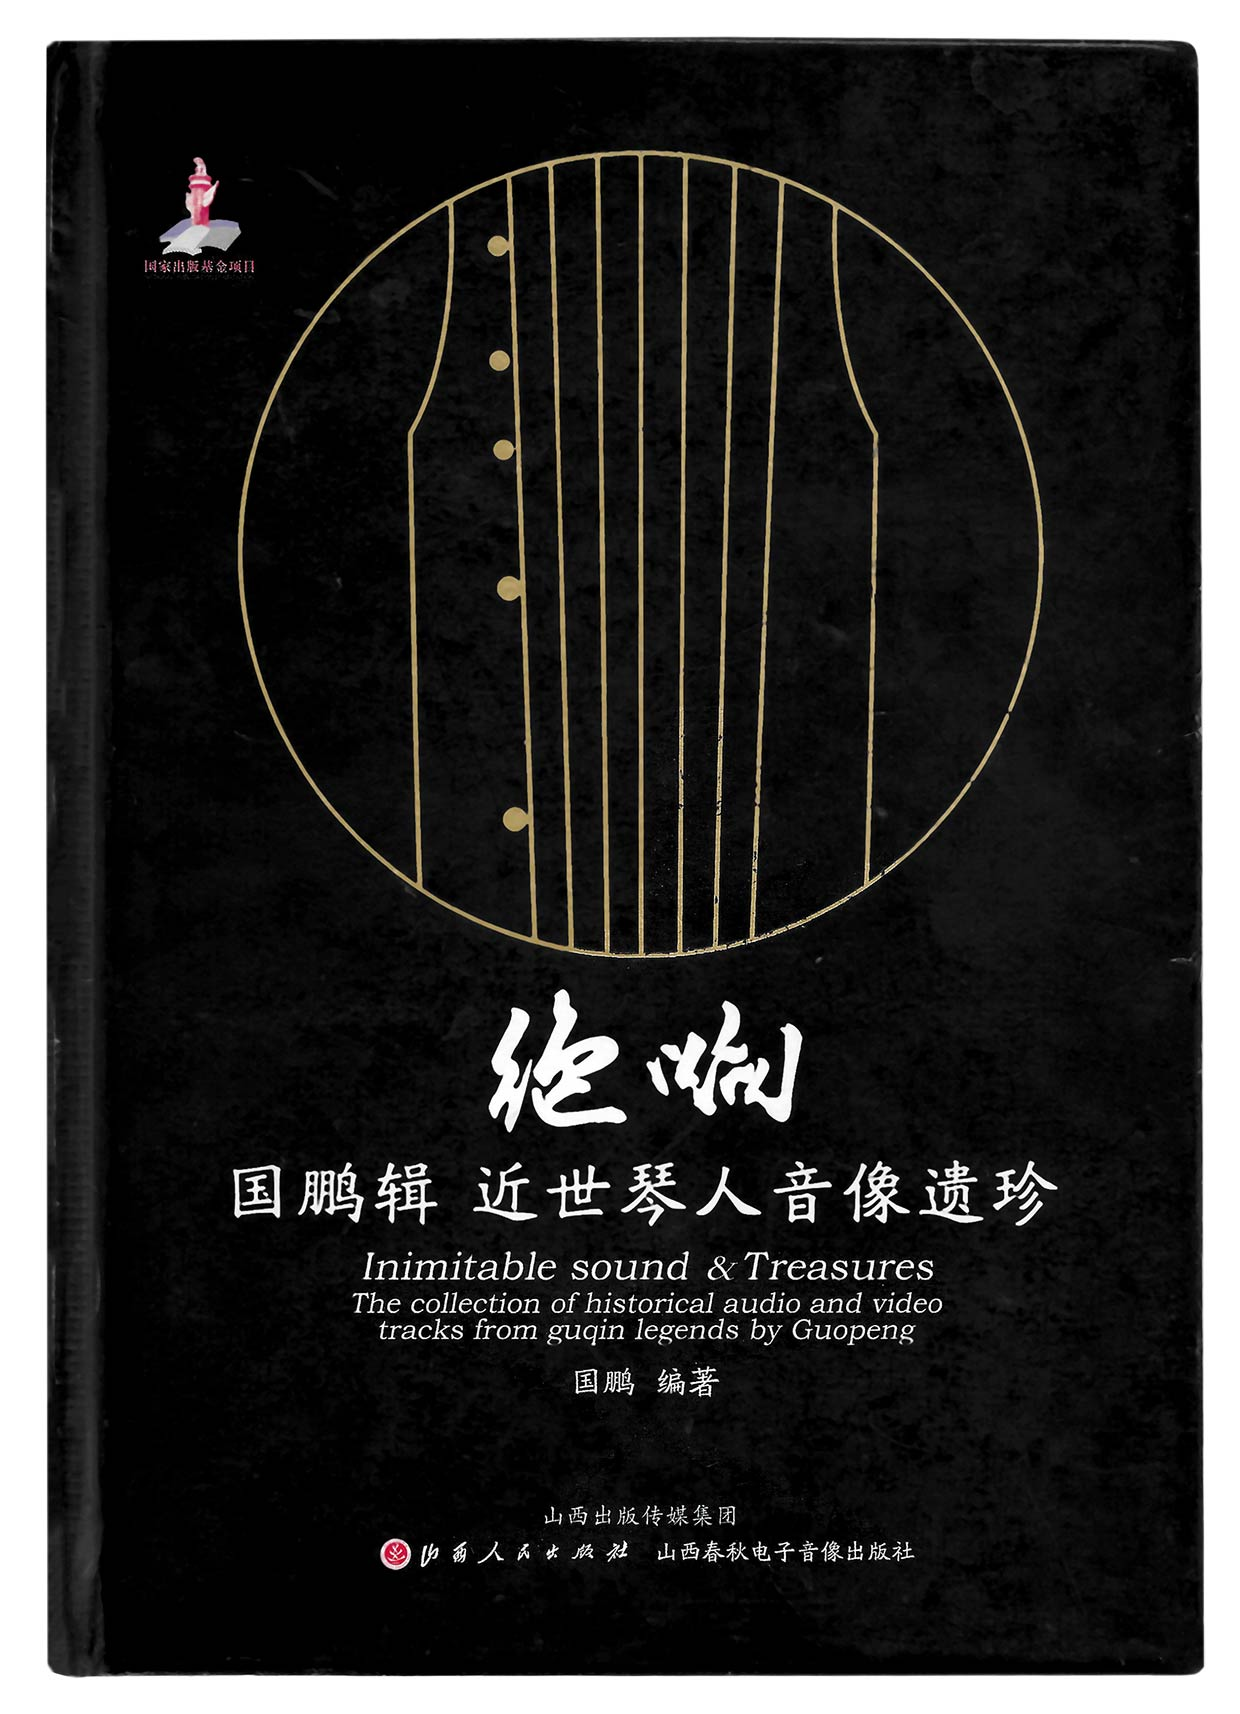 Couverture du livre Juexiang 絕響